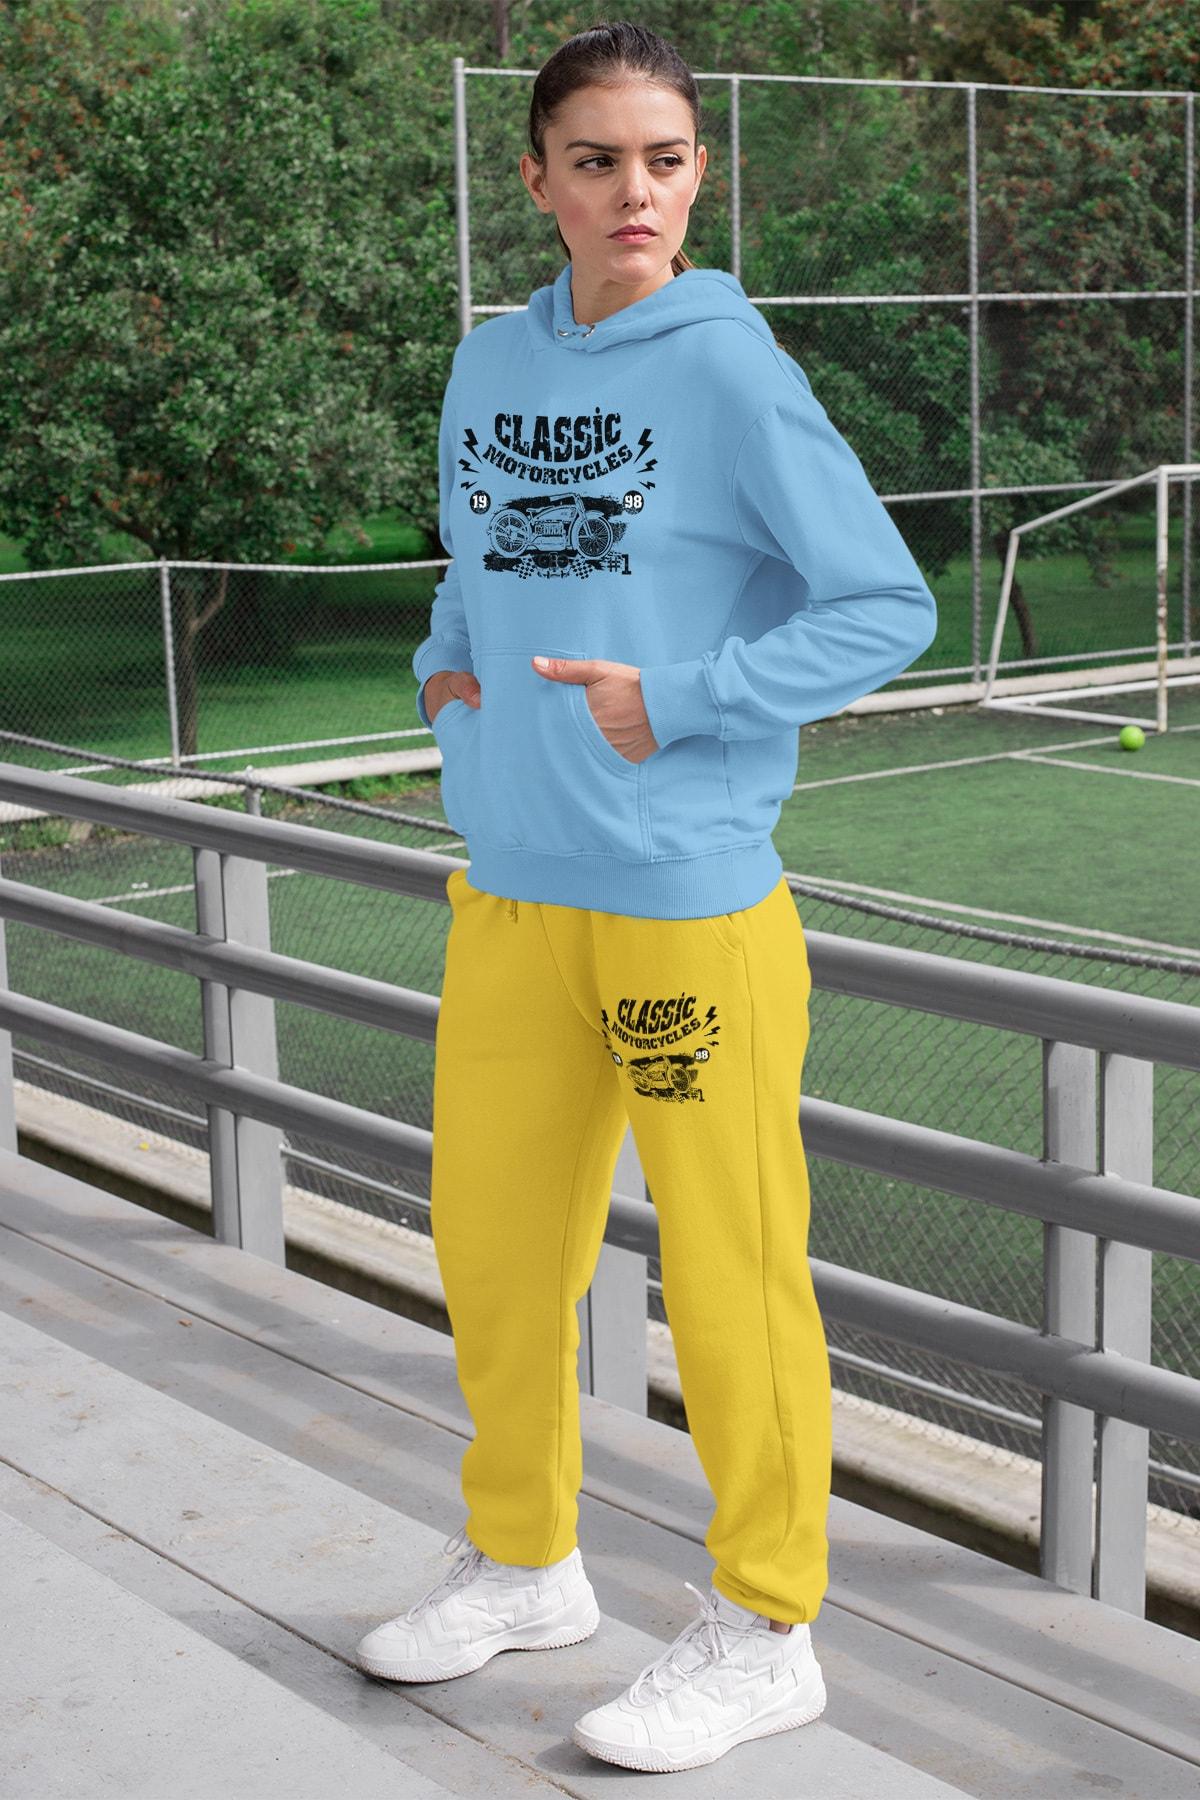 Wear Motorcycles Kadın Eşofman Takımı Mavi Kapşonlu Sweatshirt Sarı Eşofman Altı